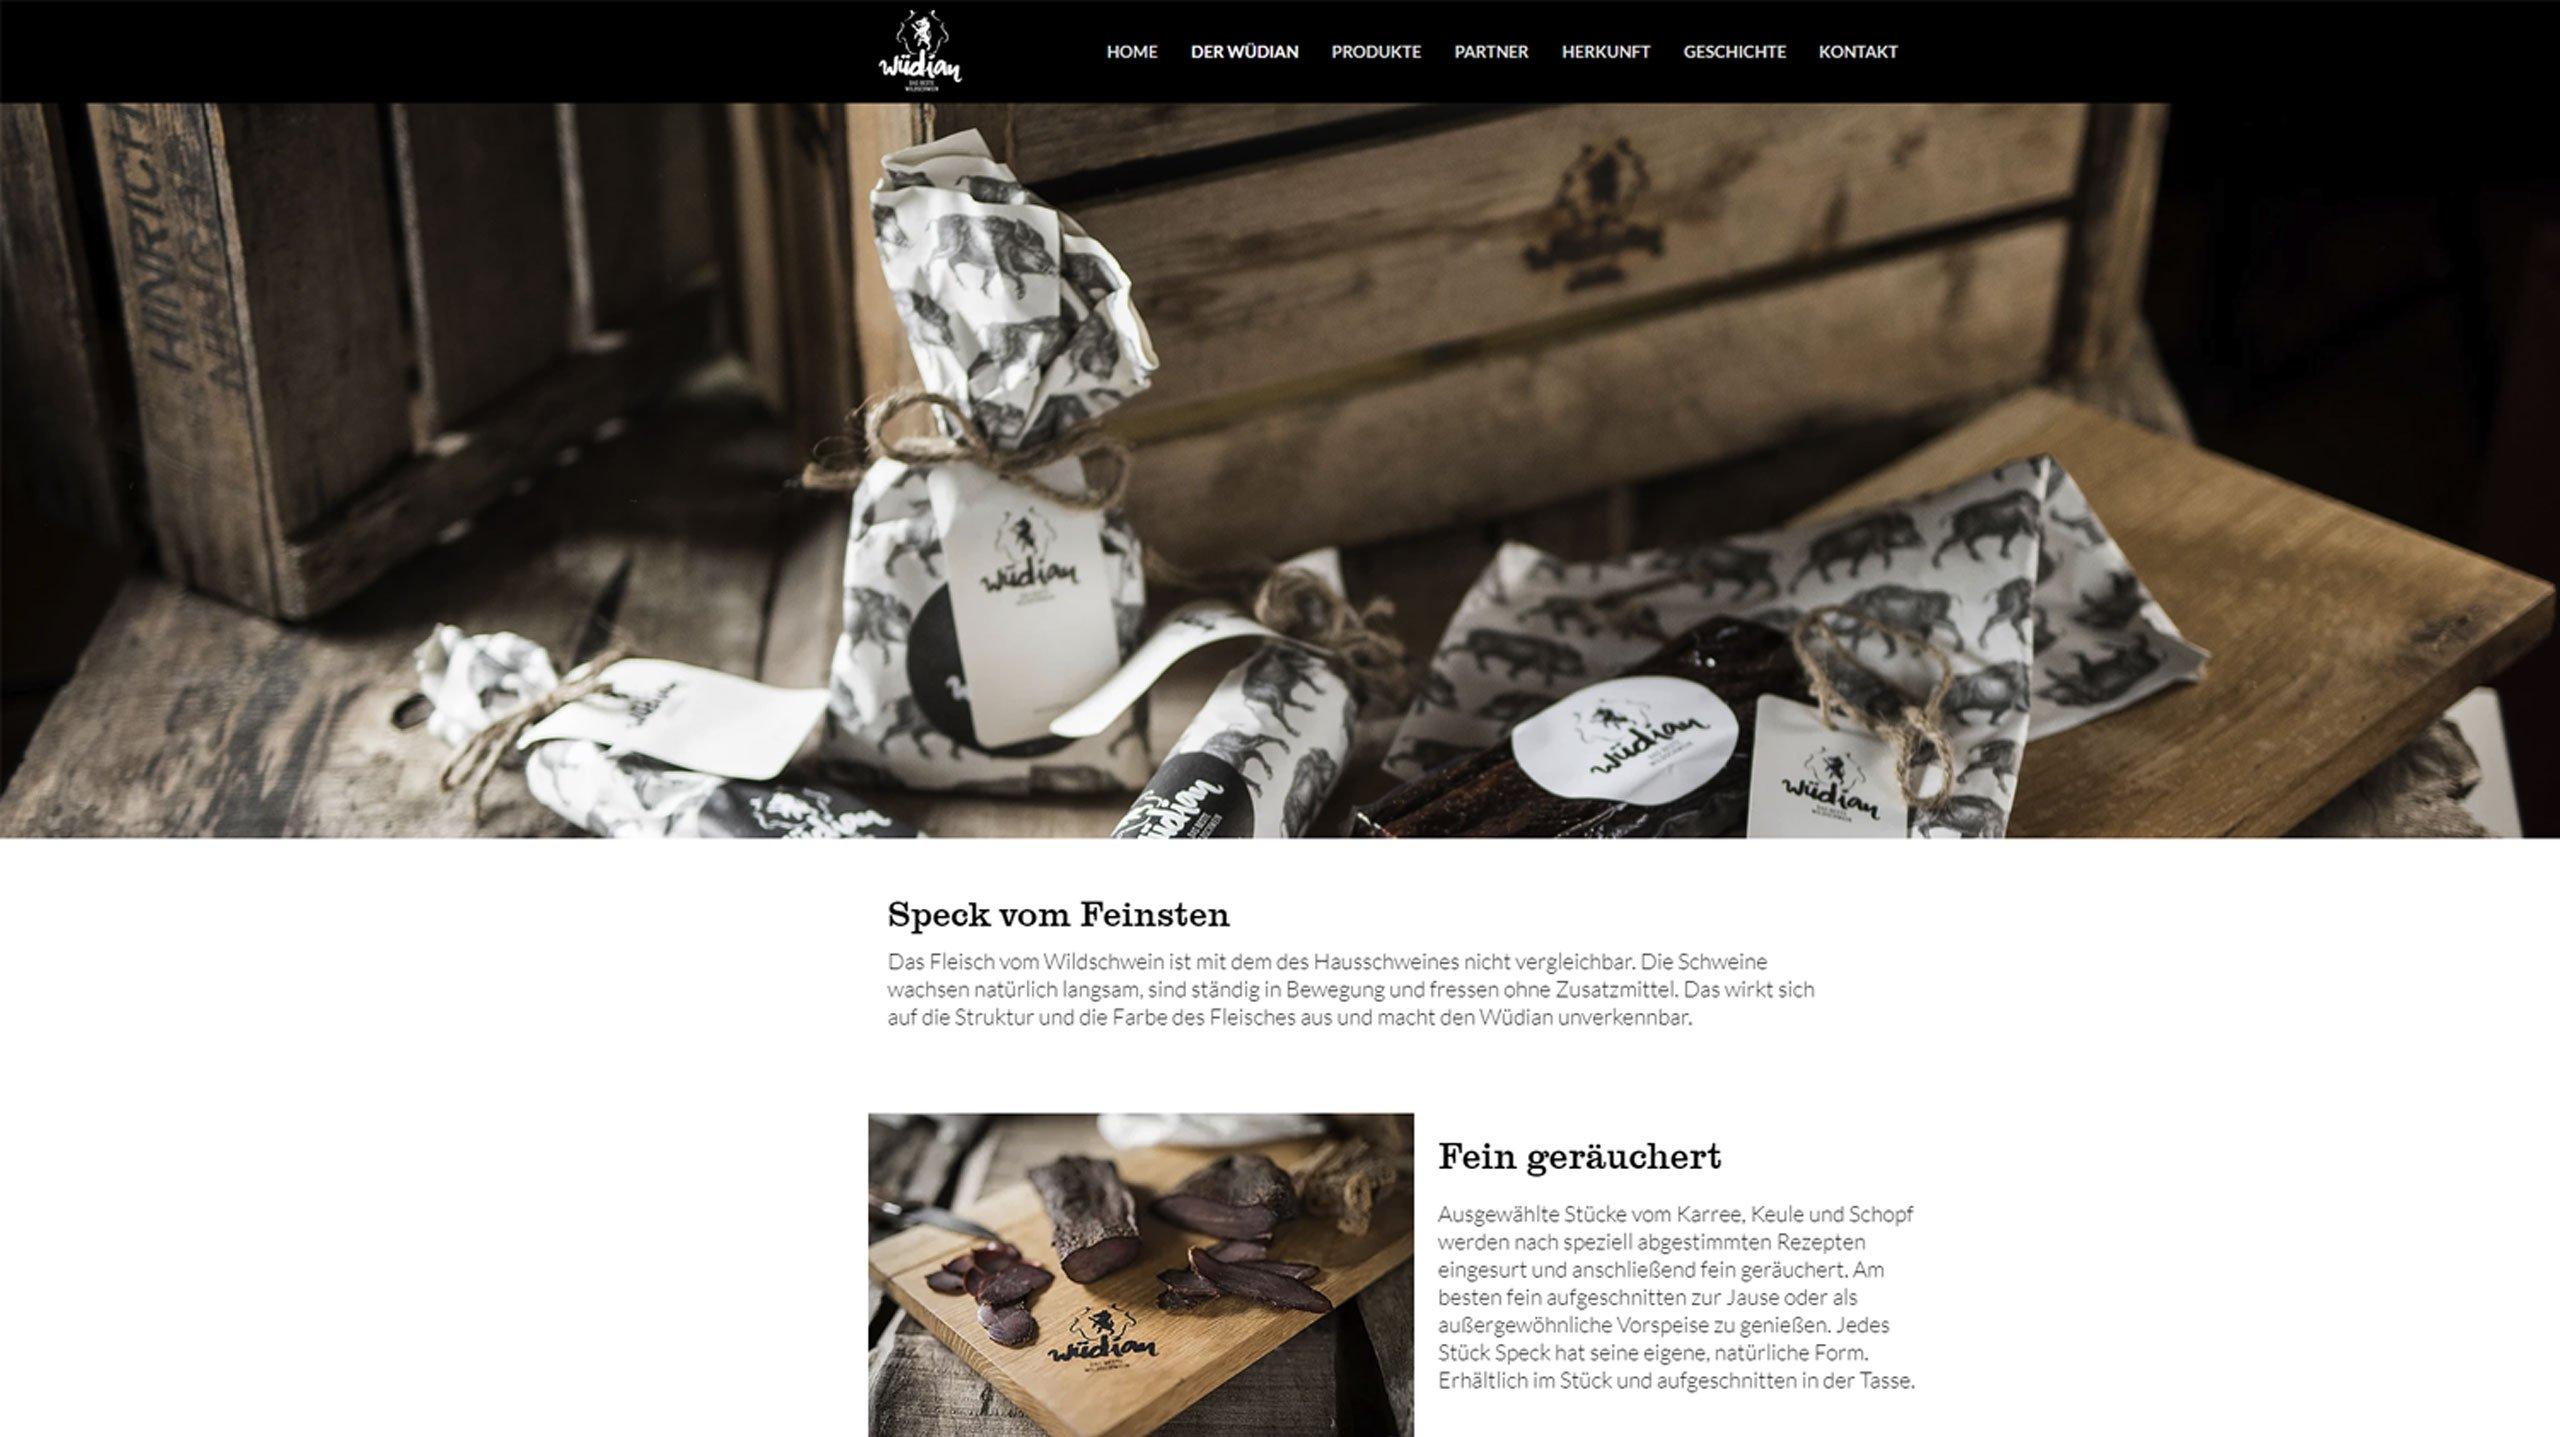 upart Referenz für wüdian Wildschweinspeck - Webseite